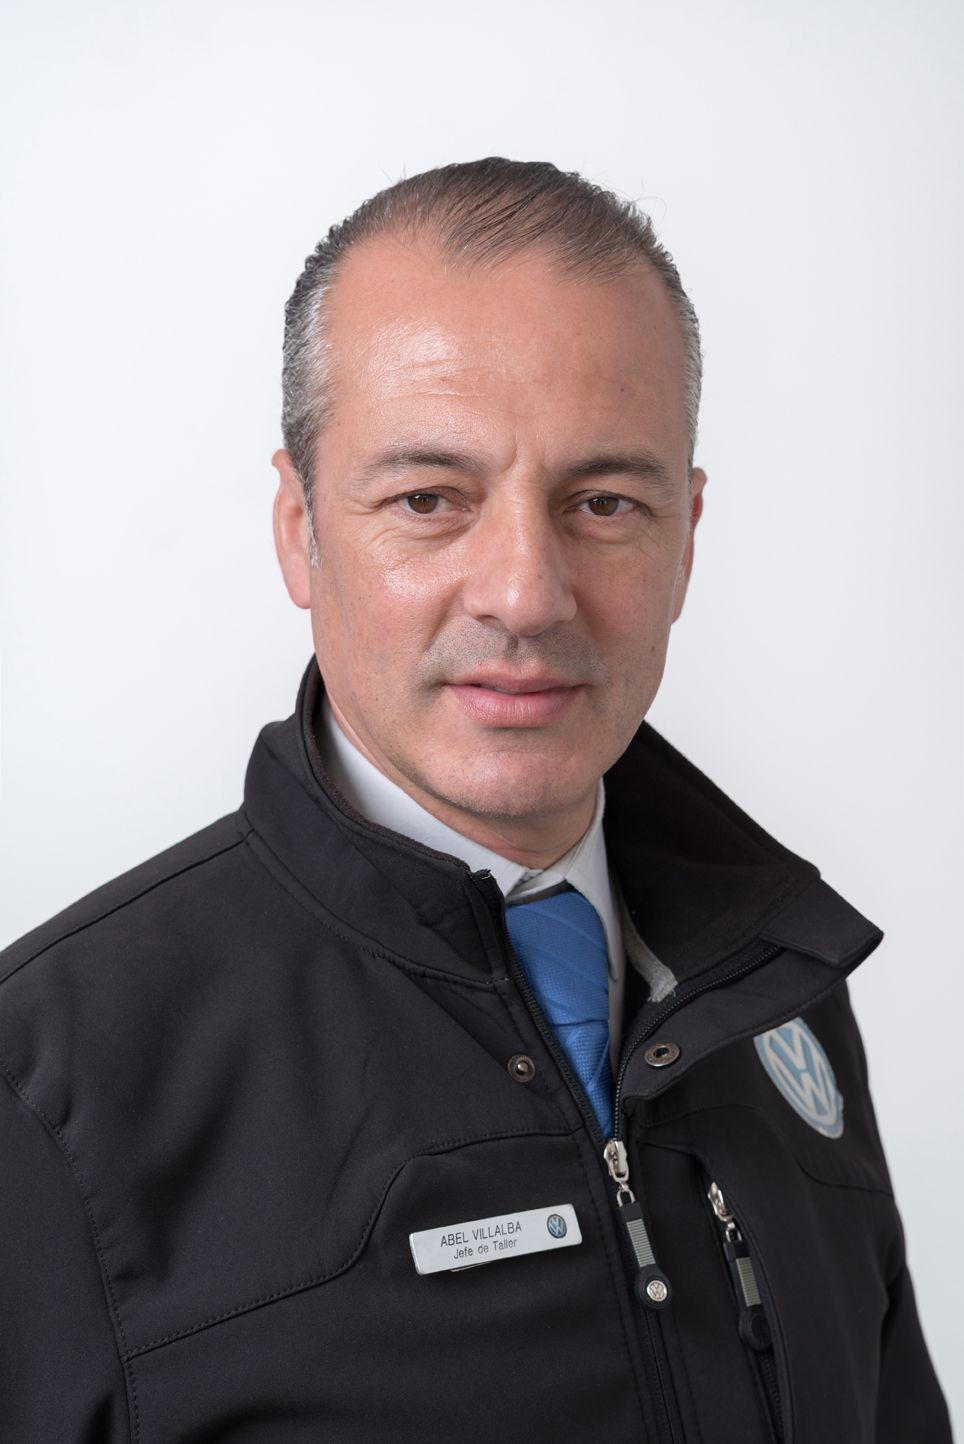 Abel Villalba